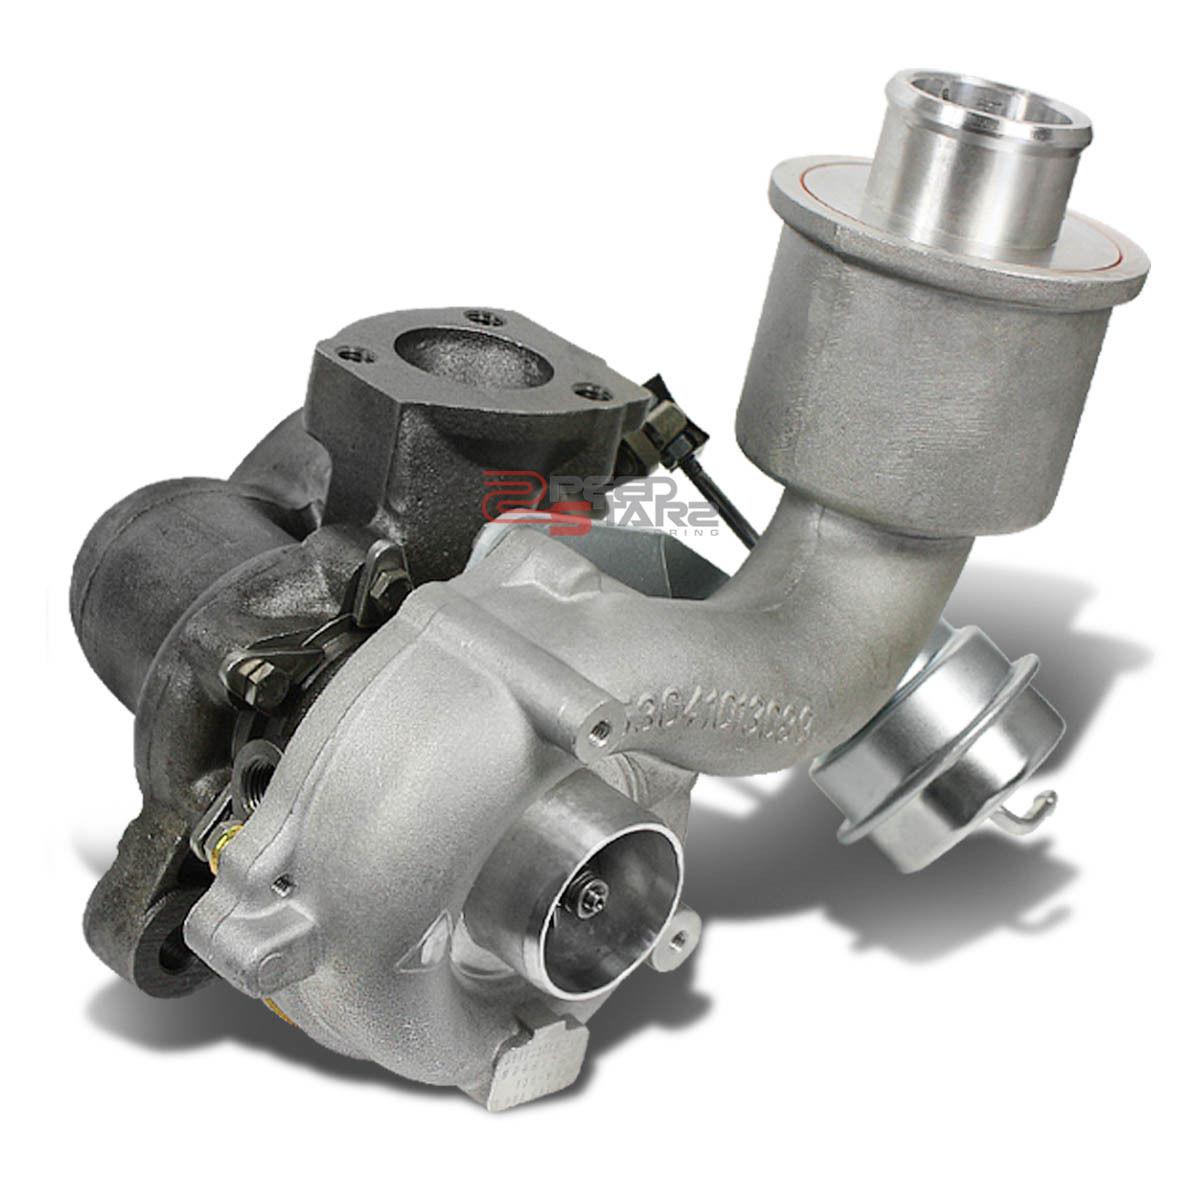 Details about FOR AUDI/VW 1 8/1 8T K04-001 3-BOLT FLANGE TURBO  TURBOCHARGER+INTERNAL WASTEGATE